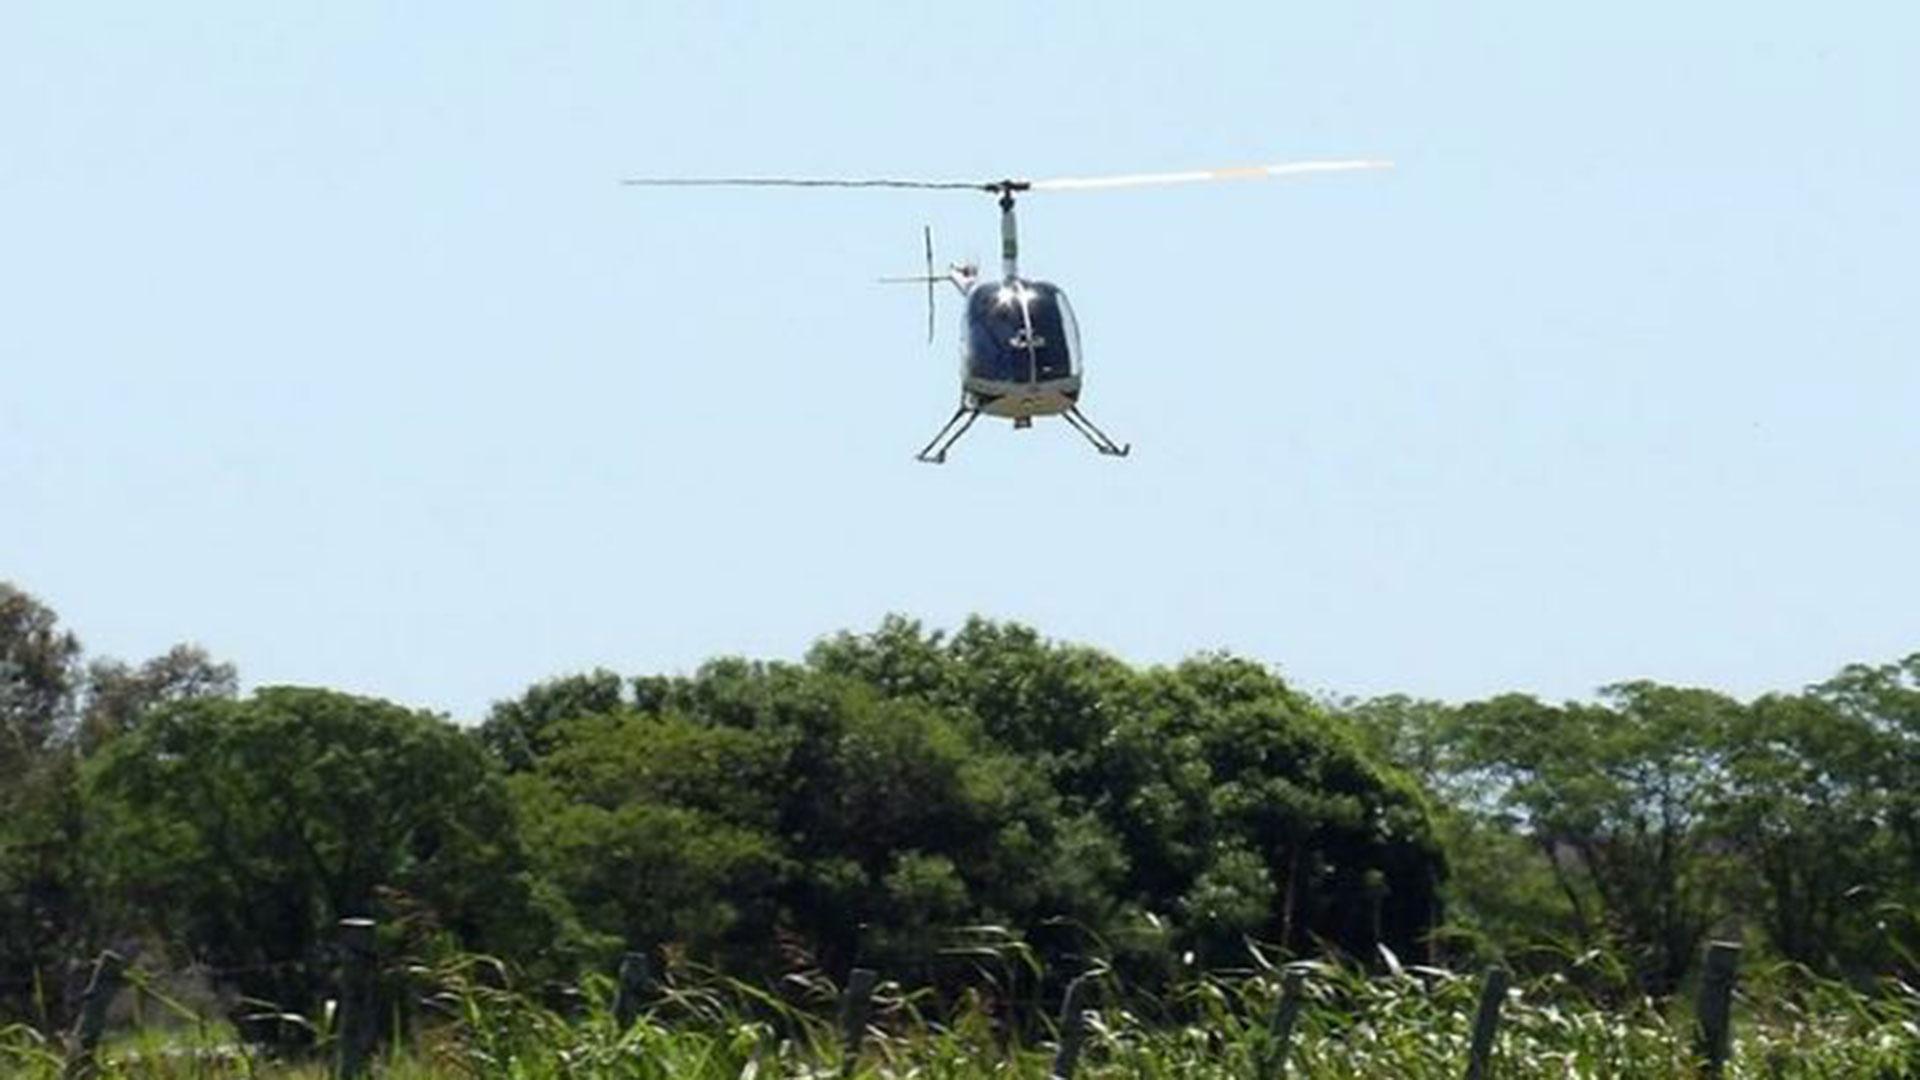 La búsqueda también fue desde el aire (Gualeguay21)